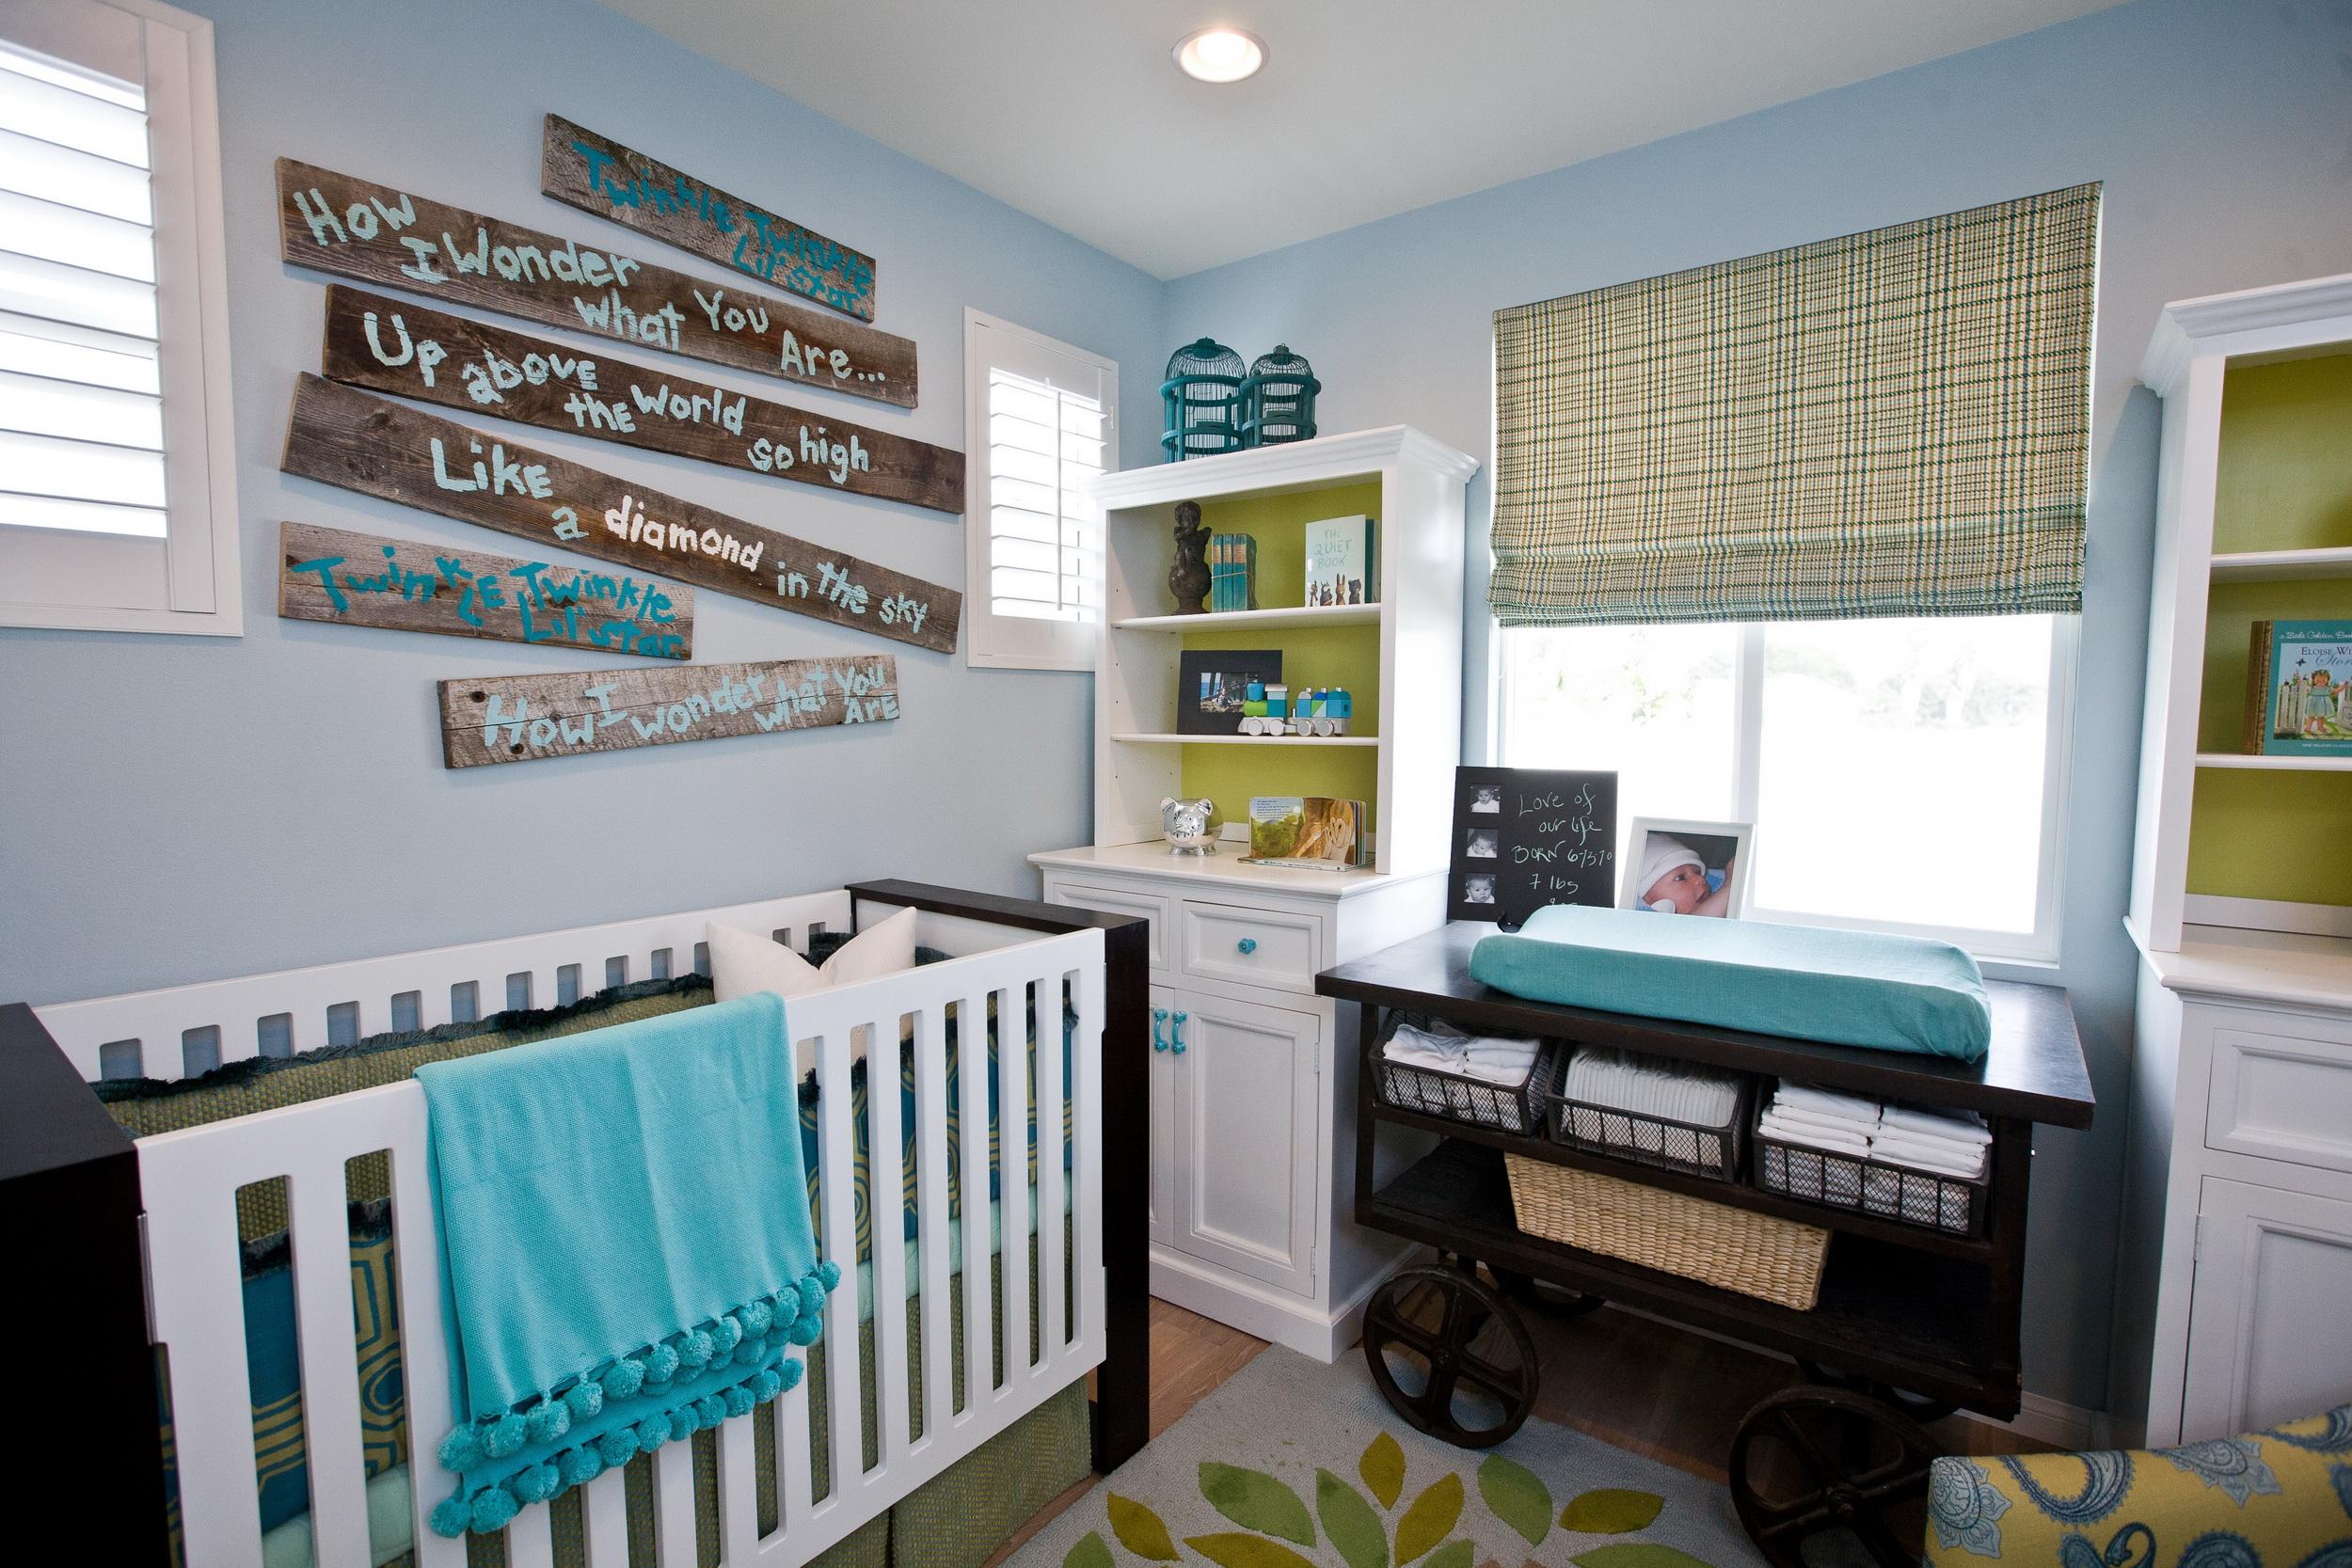 Спальня для грудного ребенка. Интерьер в синих, бирюзовых, белых и зеленых тонах.